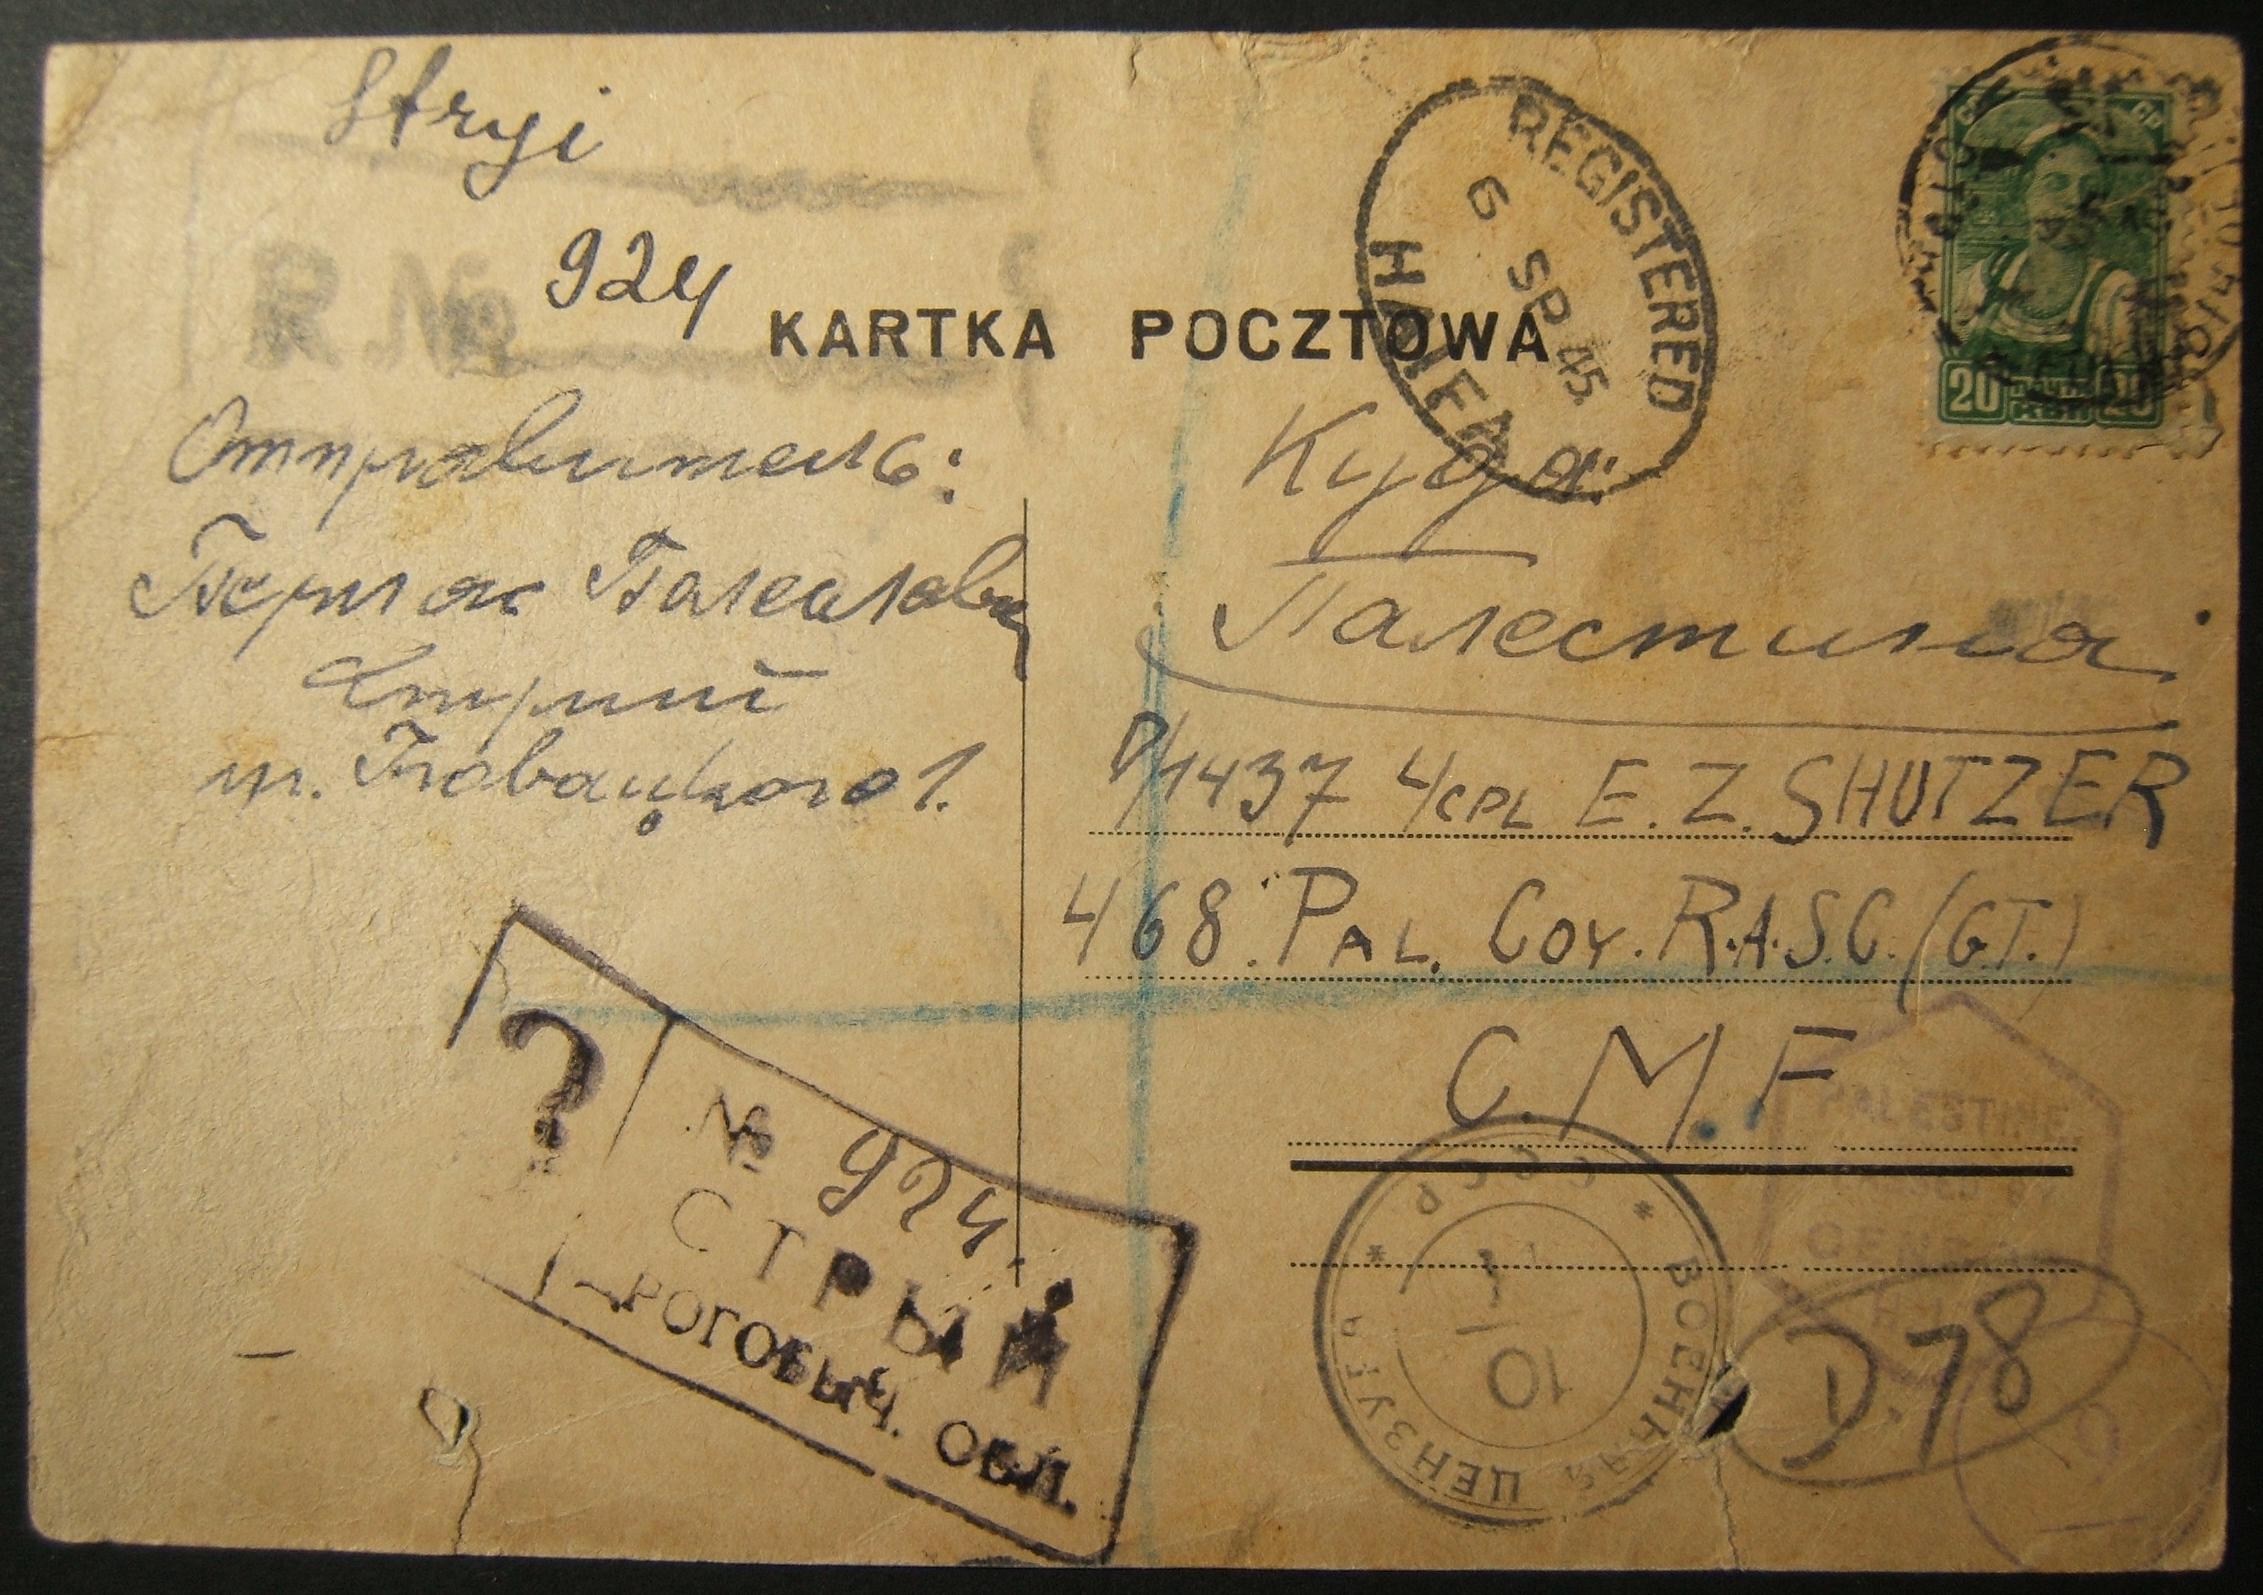 5/1945 بريدًا لما بعد الحرب / الهولوكوست من بولندا المحتلة إلى جندي يهودي في مدينة حيفا